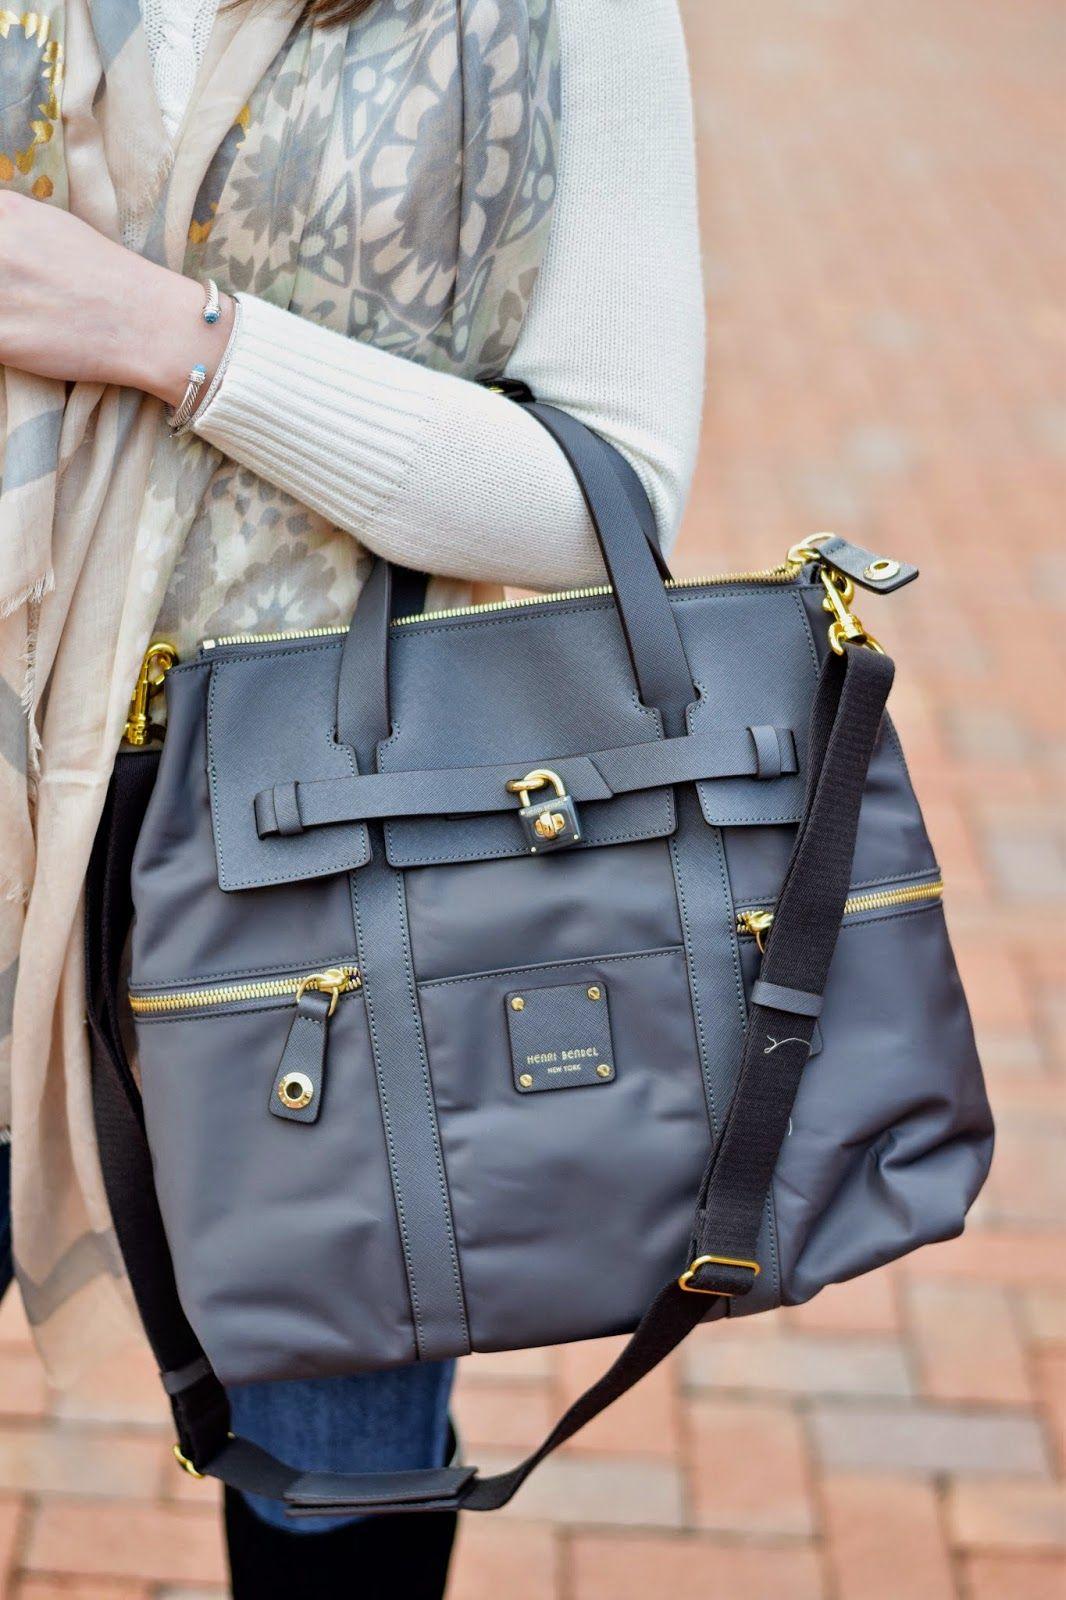 7c0788318e Henri Bendel Jetsetter bag as seen on Taylor Swift!